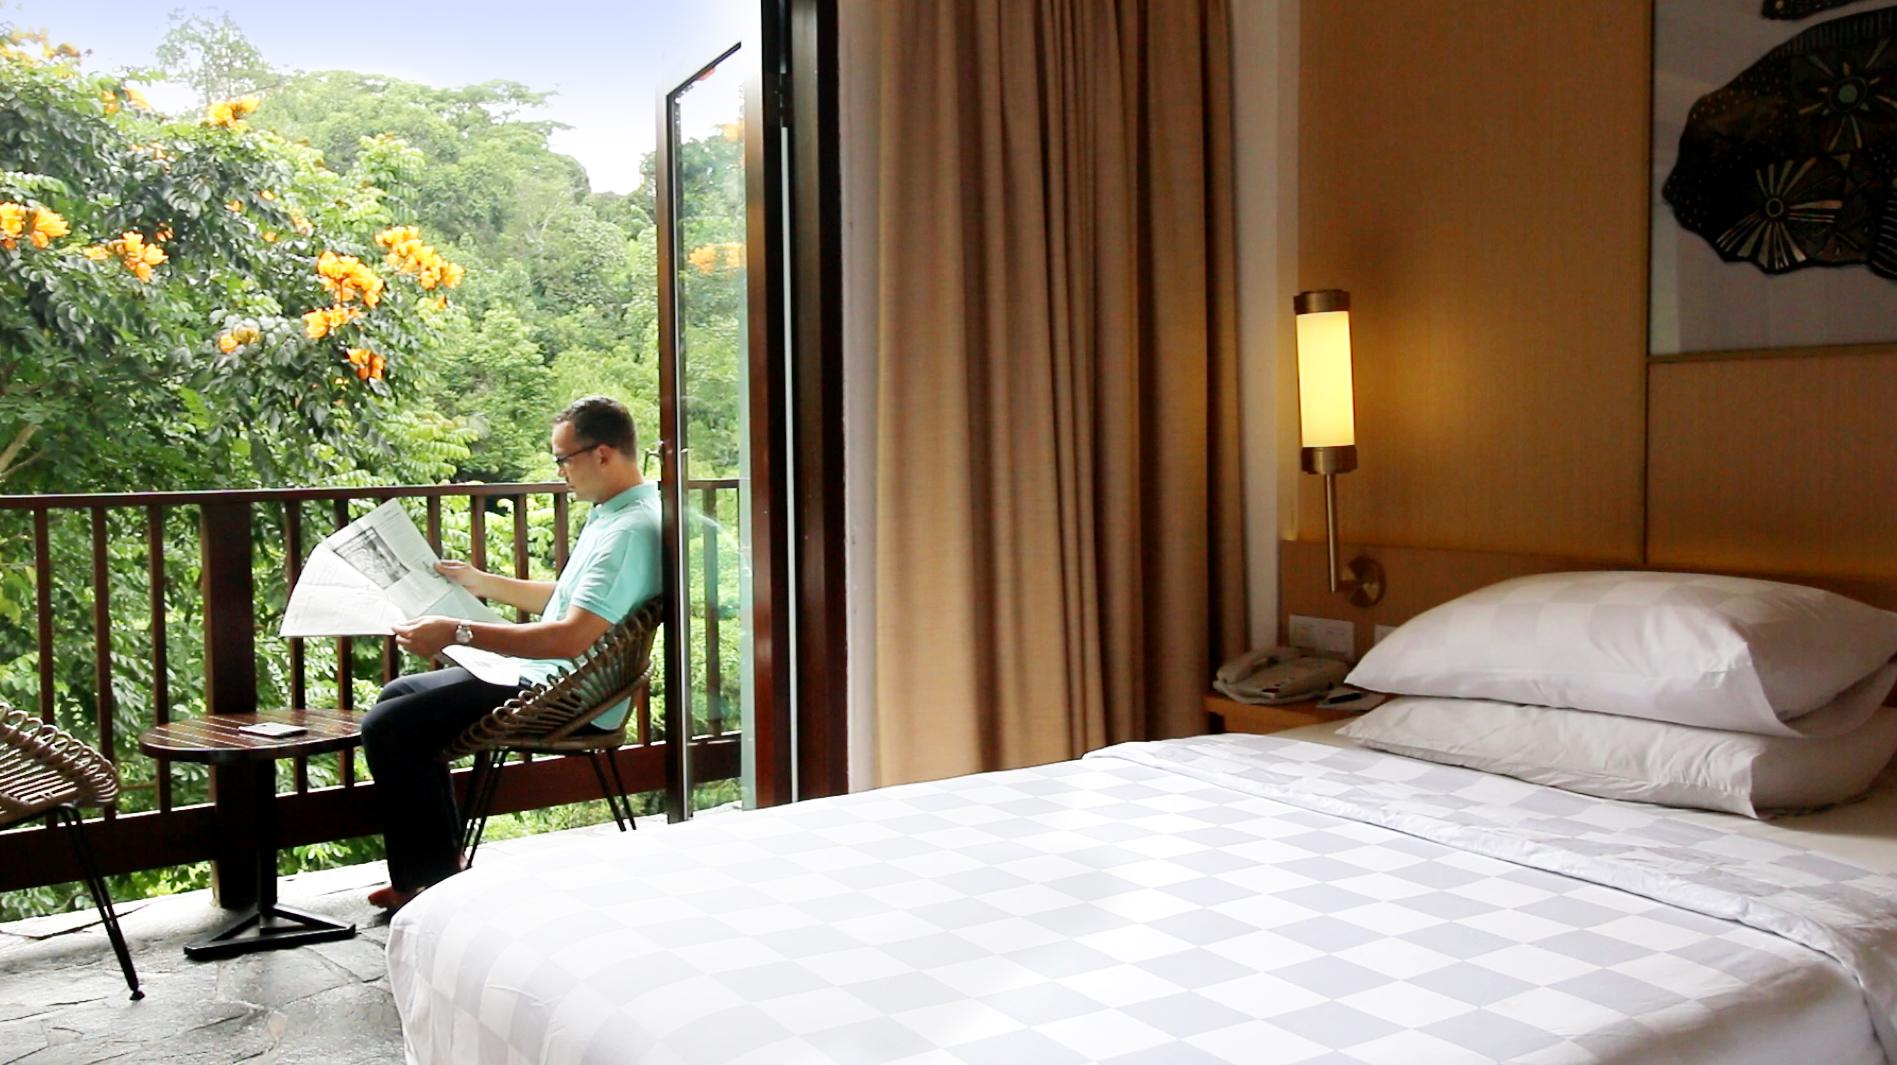 Padma Hotel Bandung Room Review